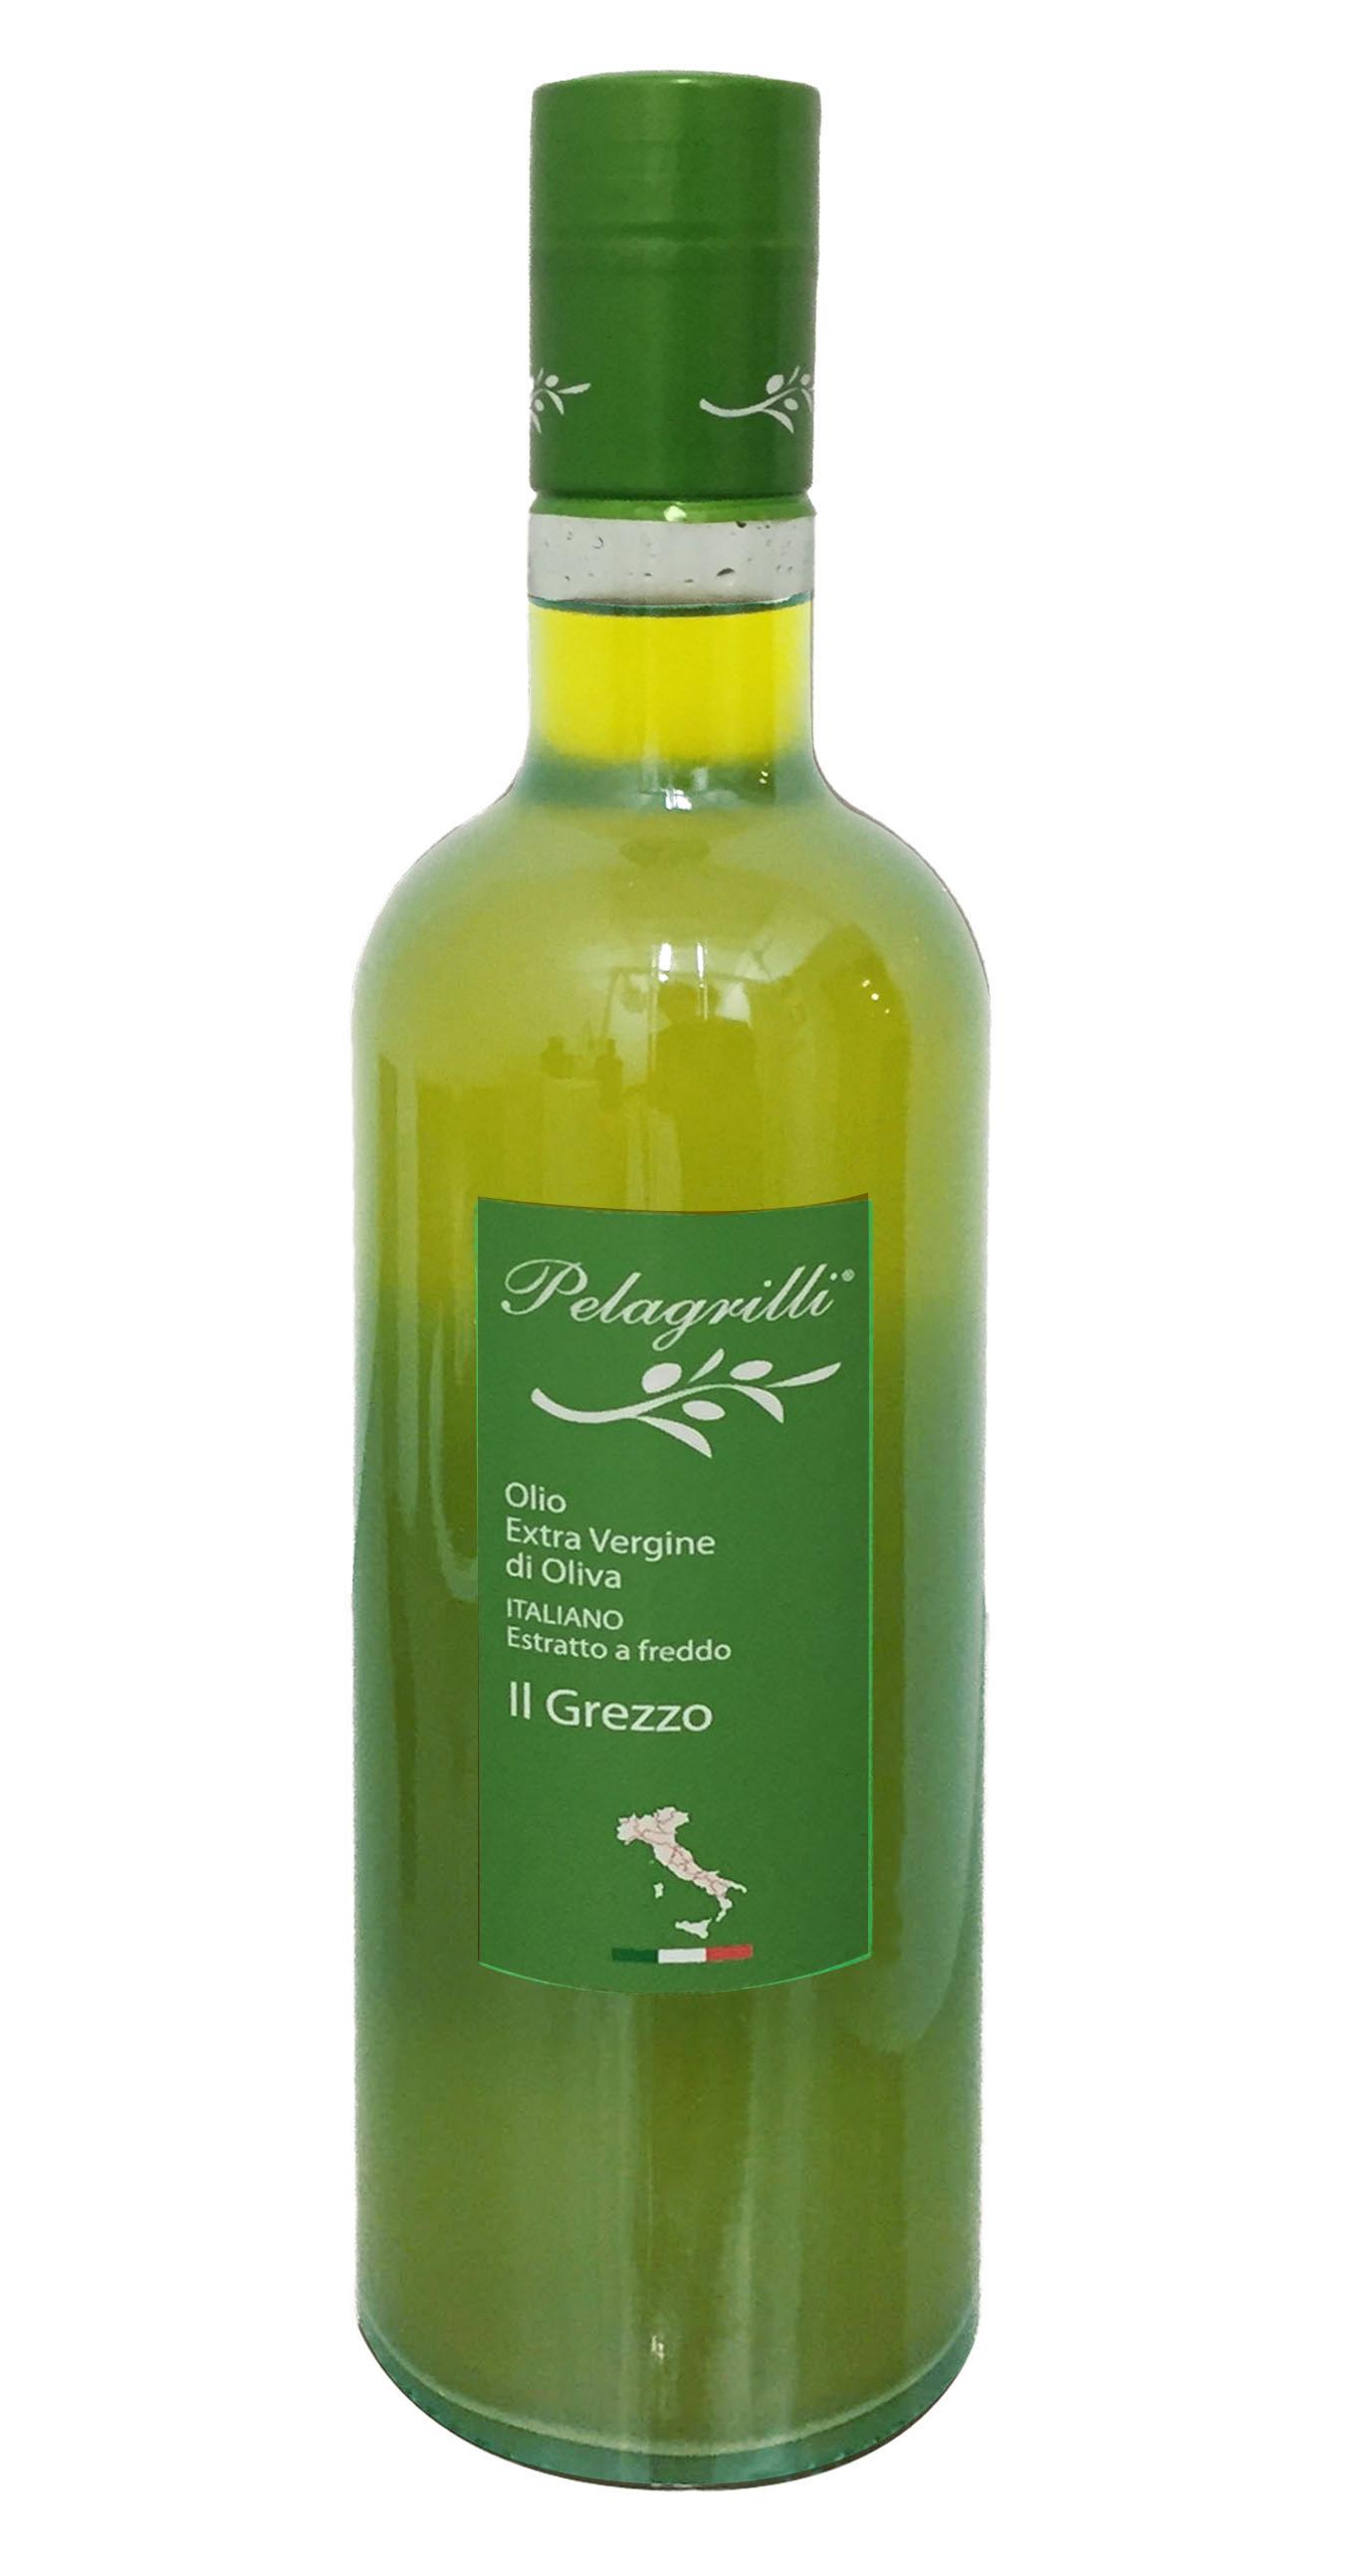 100% ITALIANO LT 0,75  Olio extravergine di oliva- estratto a freddo- Raccolto 2019-2020- GREZZO